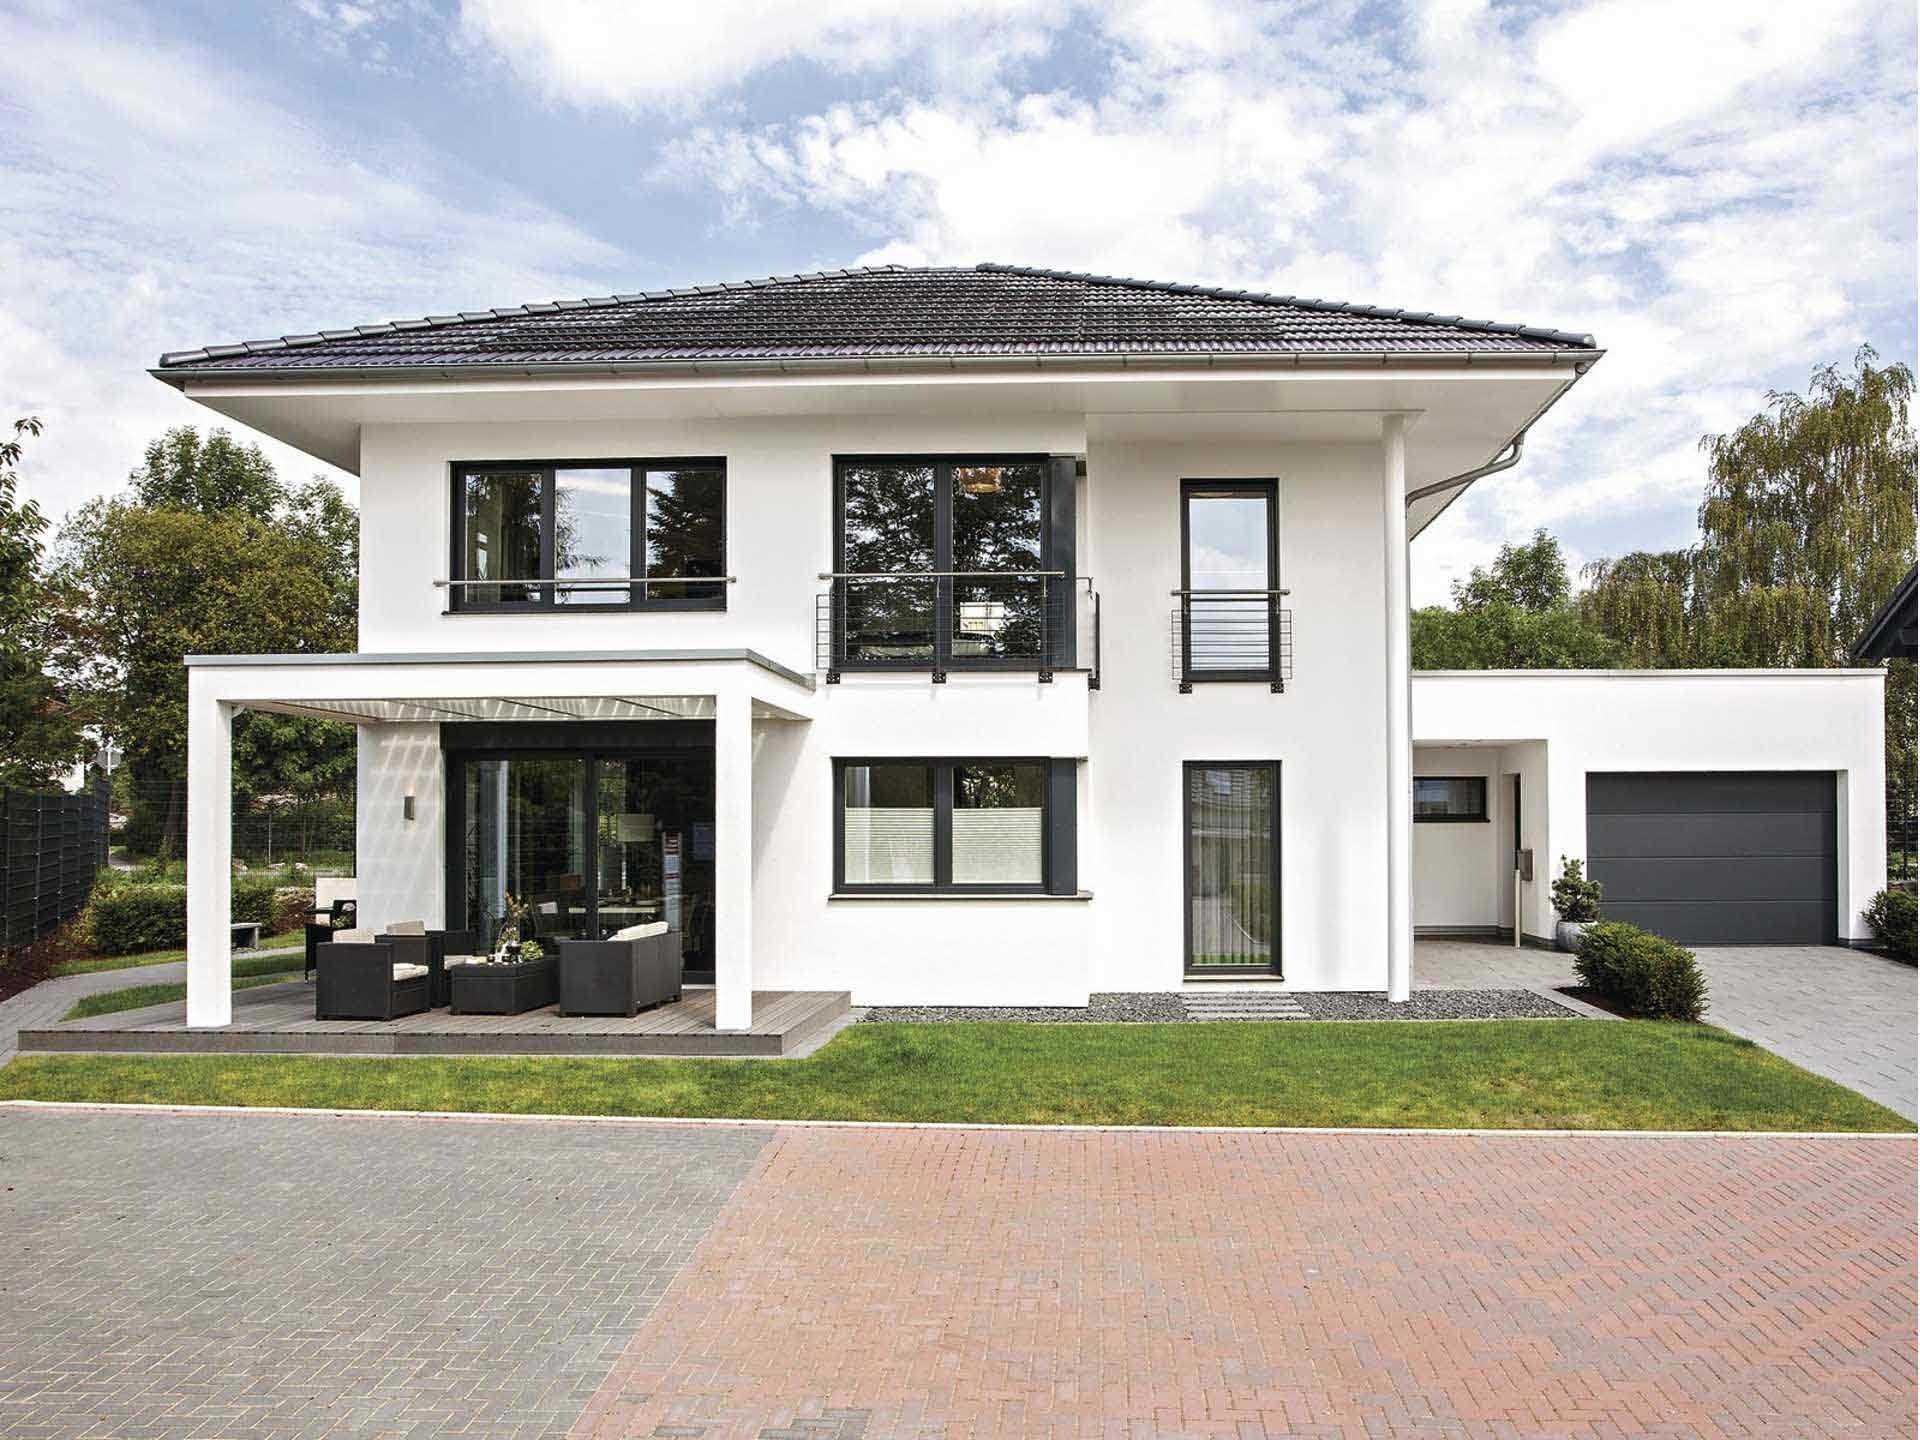 Musterhaus citylife 250 weberhaus for Hausbeispiele grundrisse